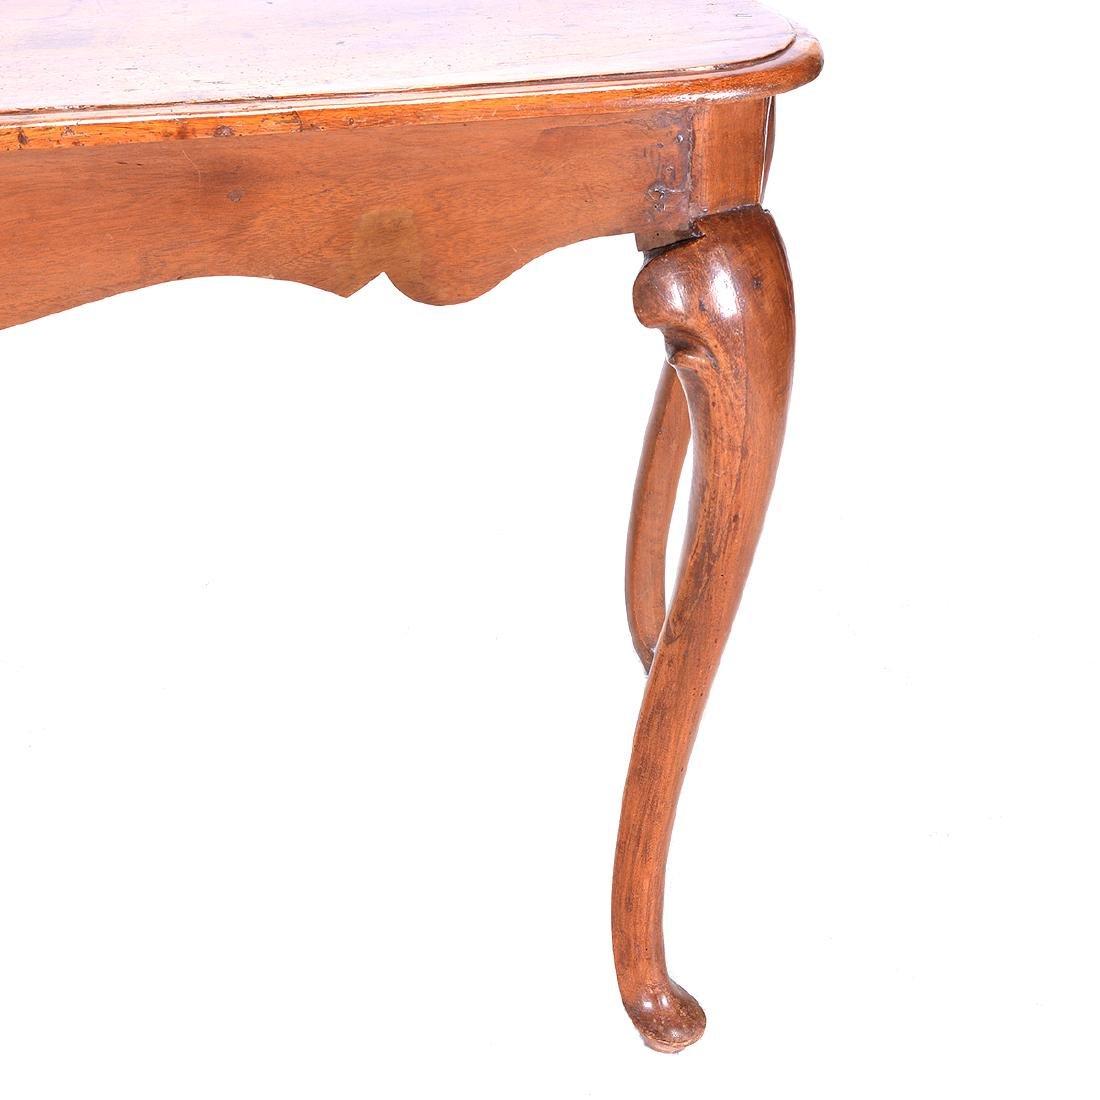 Italian Rococo Walnut Scalloped Edge Console Table - 4